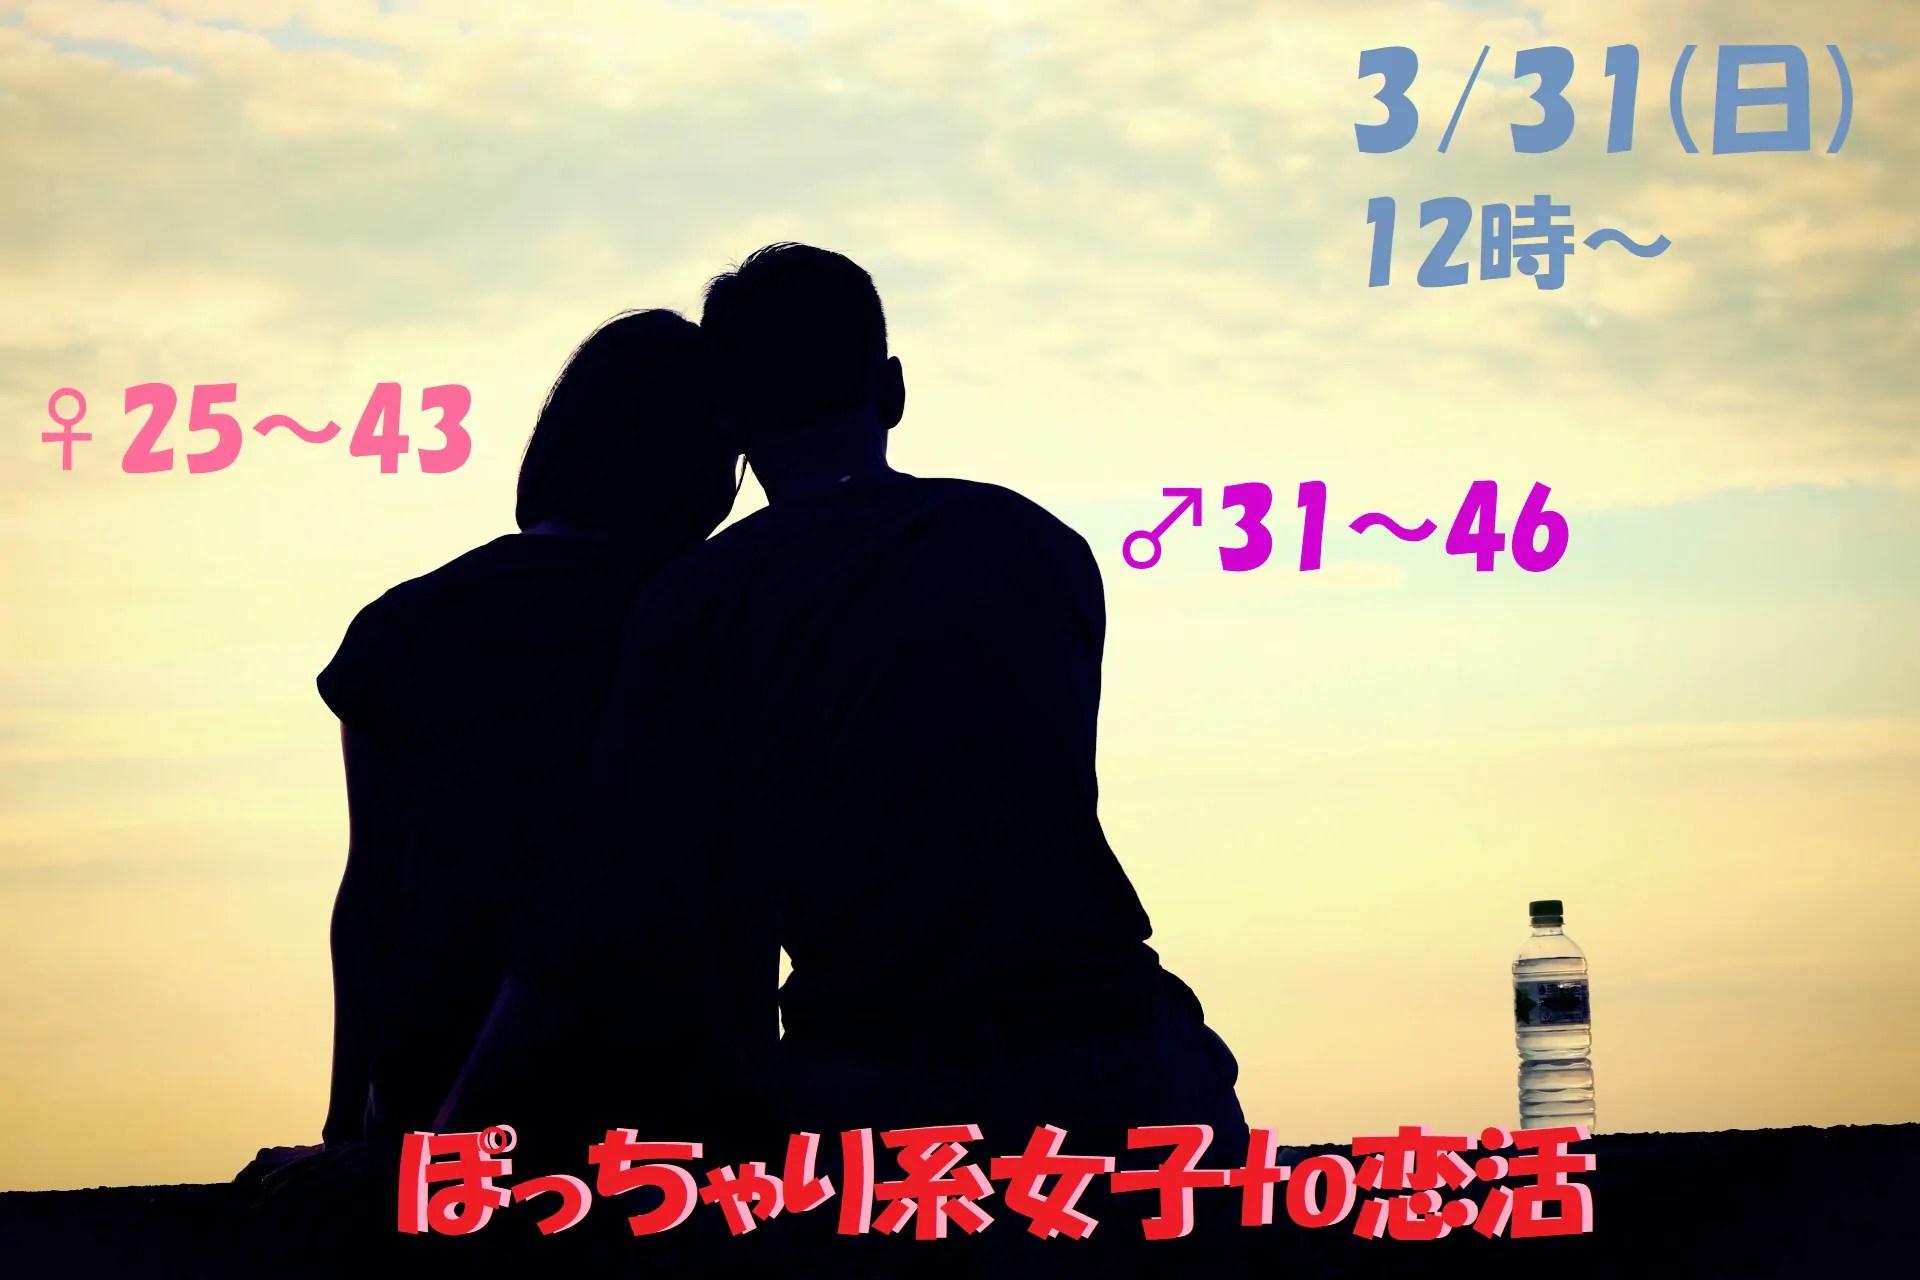 【終了】3月31日(日)12時~【男性31~46歳,女性25~43歳限定】どちらかというとぽっちゃり系女子 to 恋活!